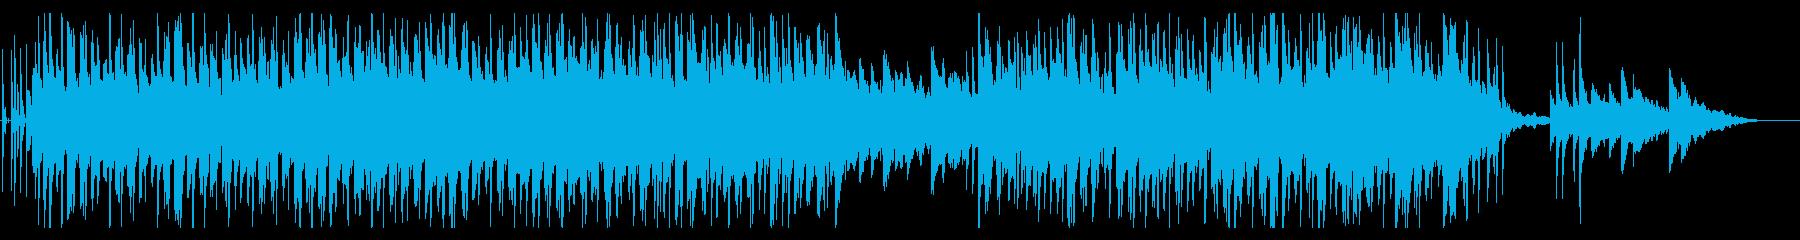 オルゴールが奏でる✡都市伝説✡ドラム有★の再生済みの波形